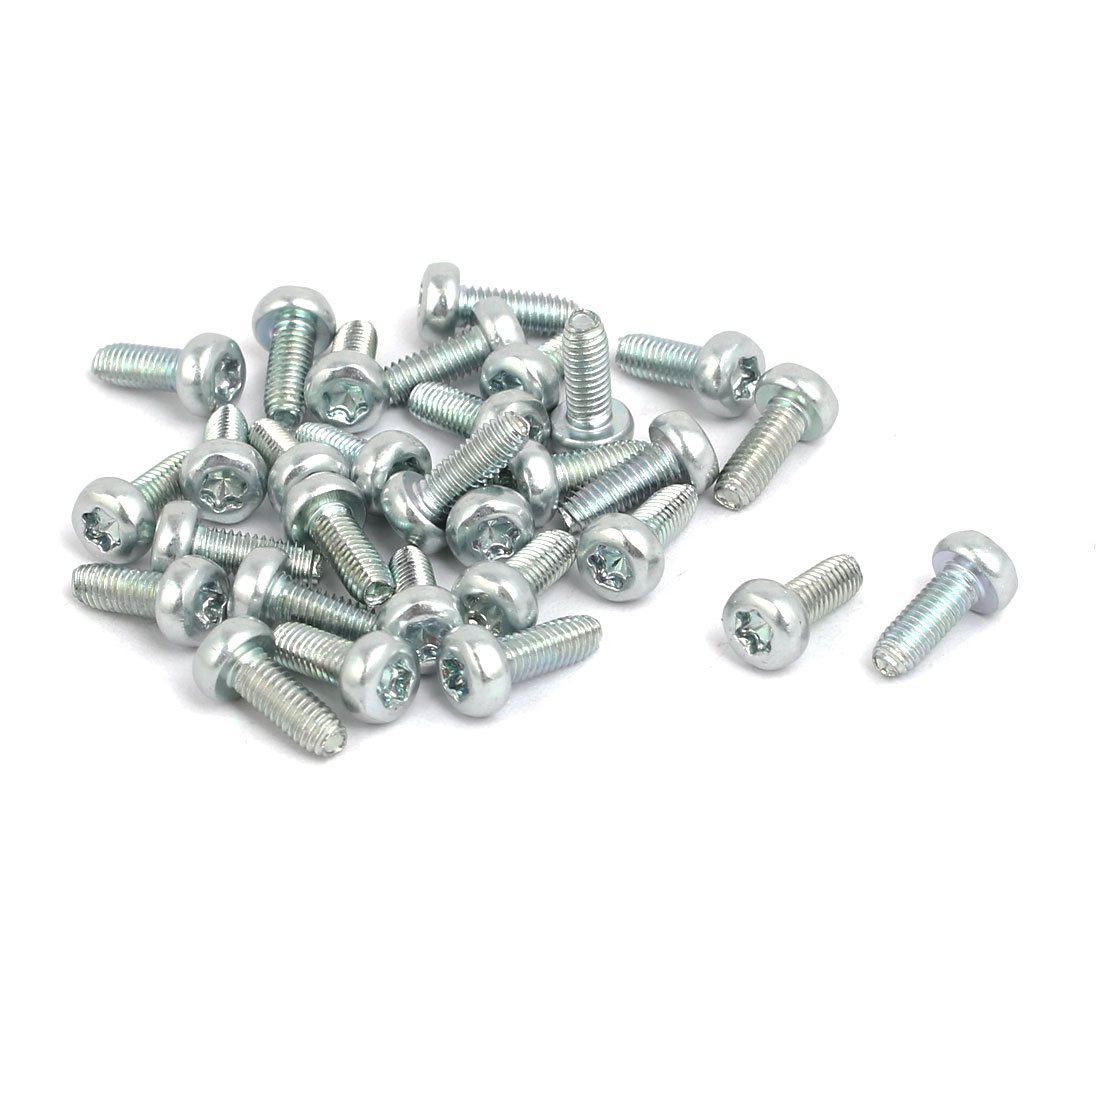 M3x8mm Pan Head Torx Socket Triangle Thread Screw Bolt Silver Tone 30pcs - image 2 of 2